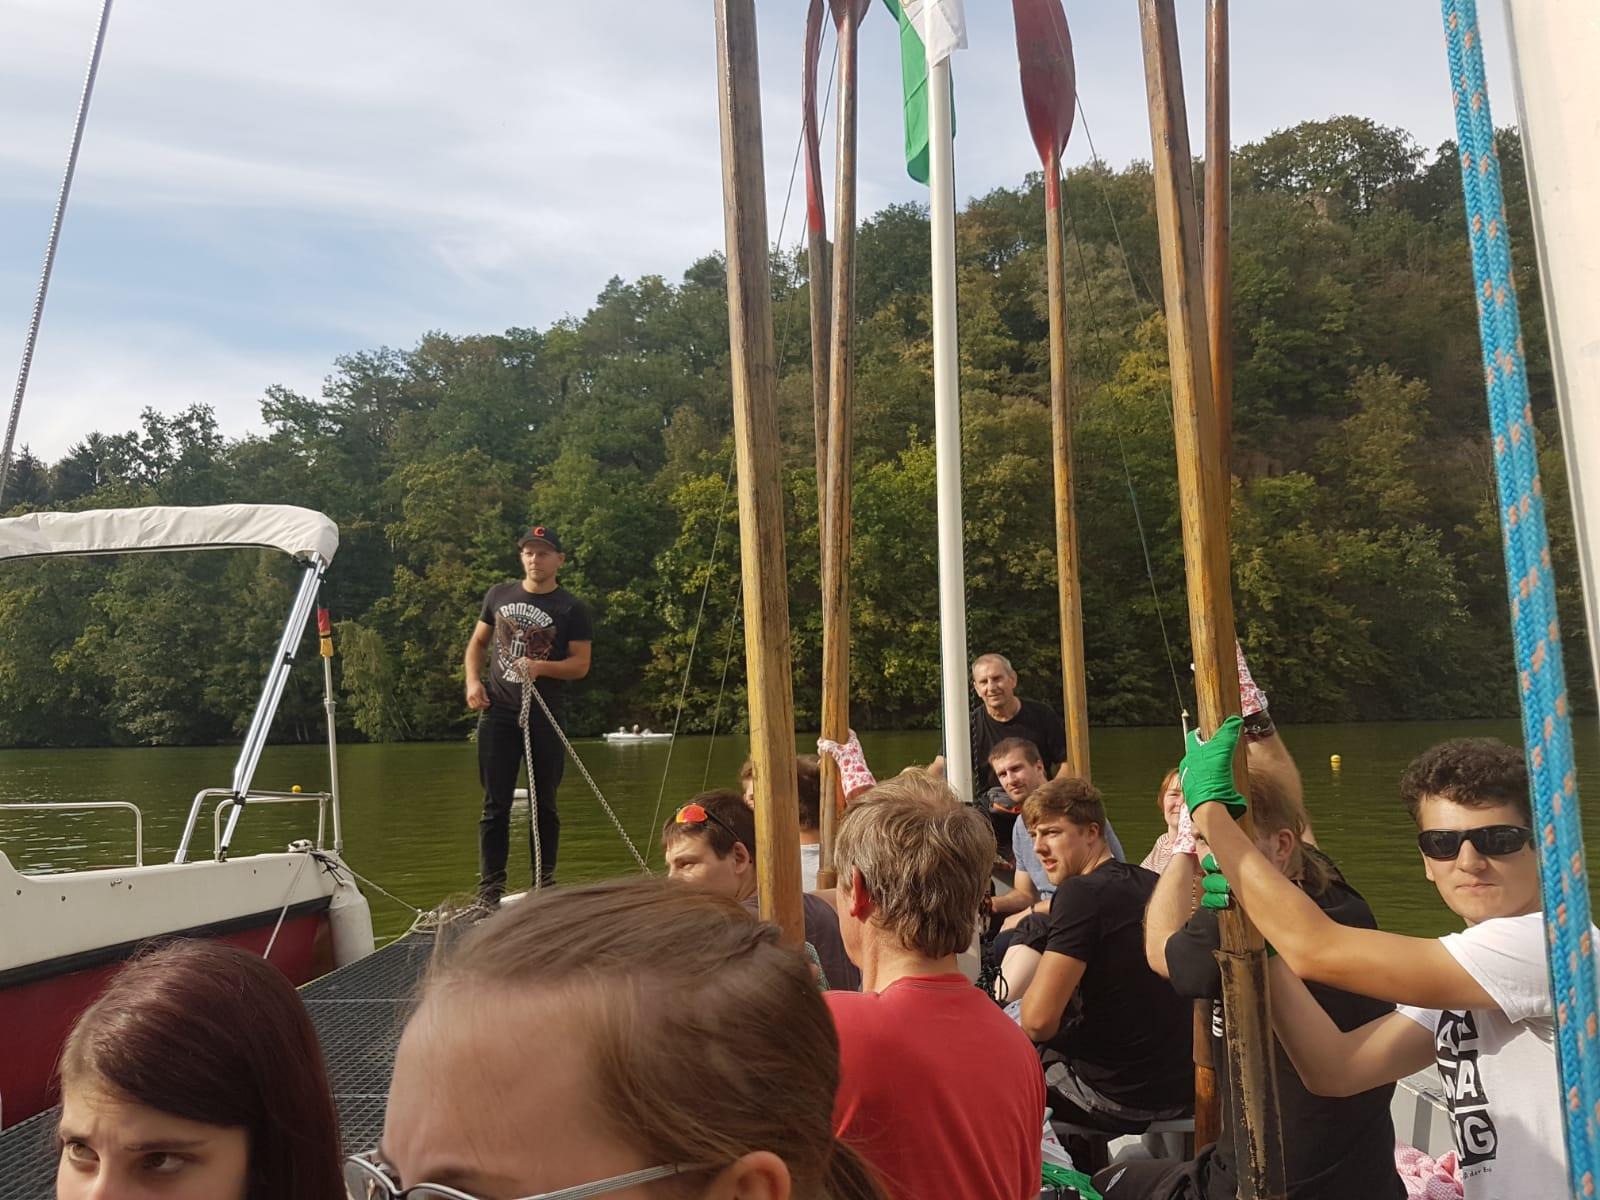 2018 - Zeltlager in Lauenhain